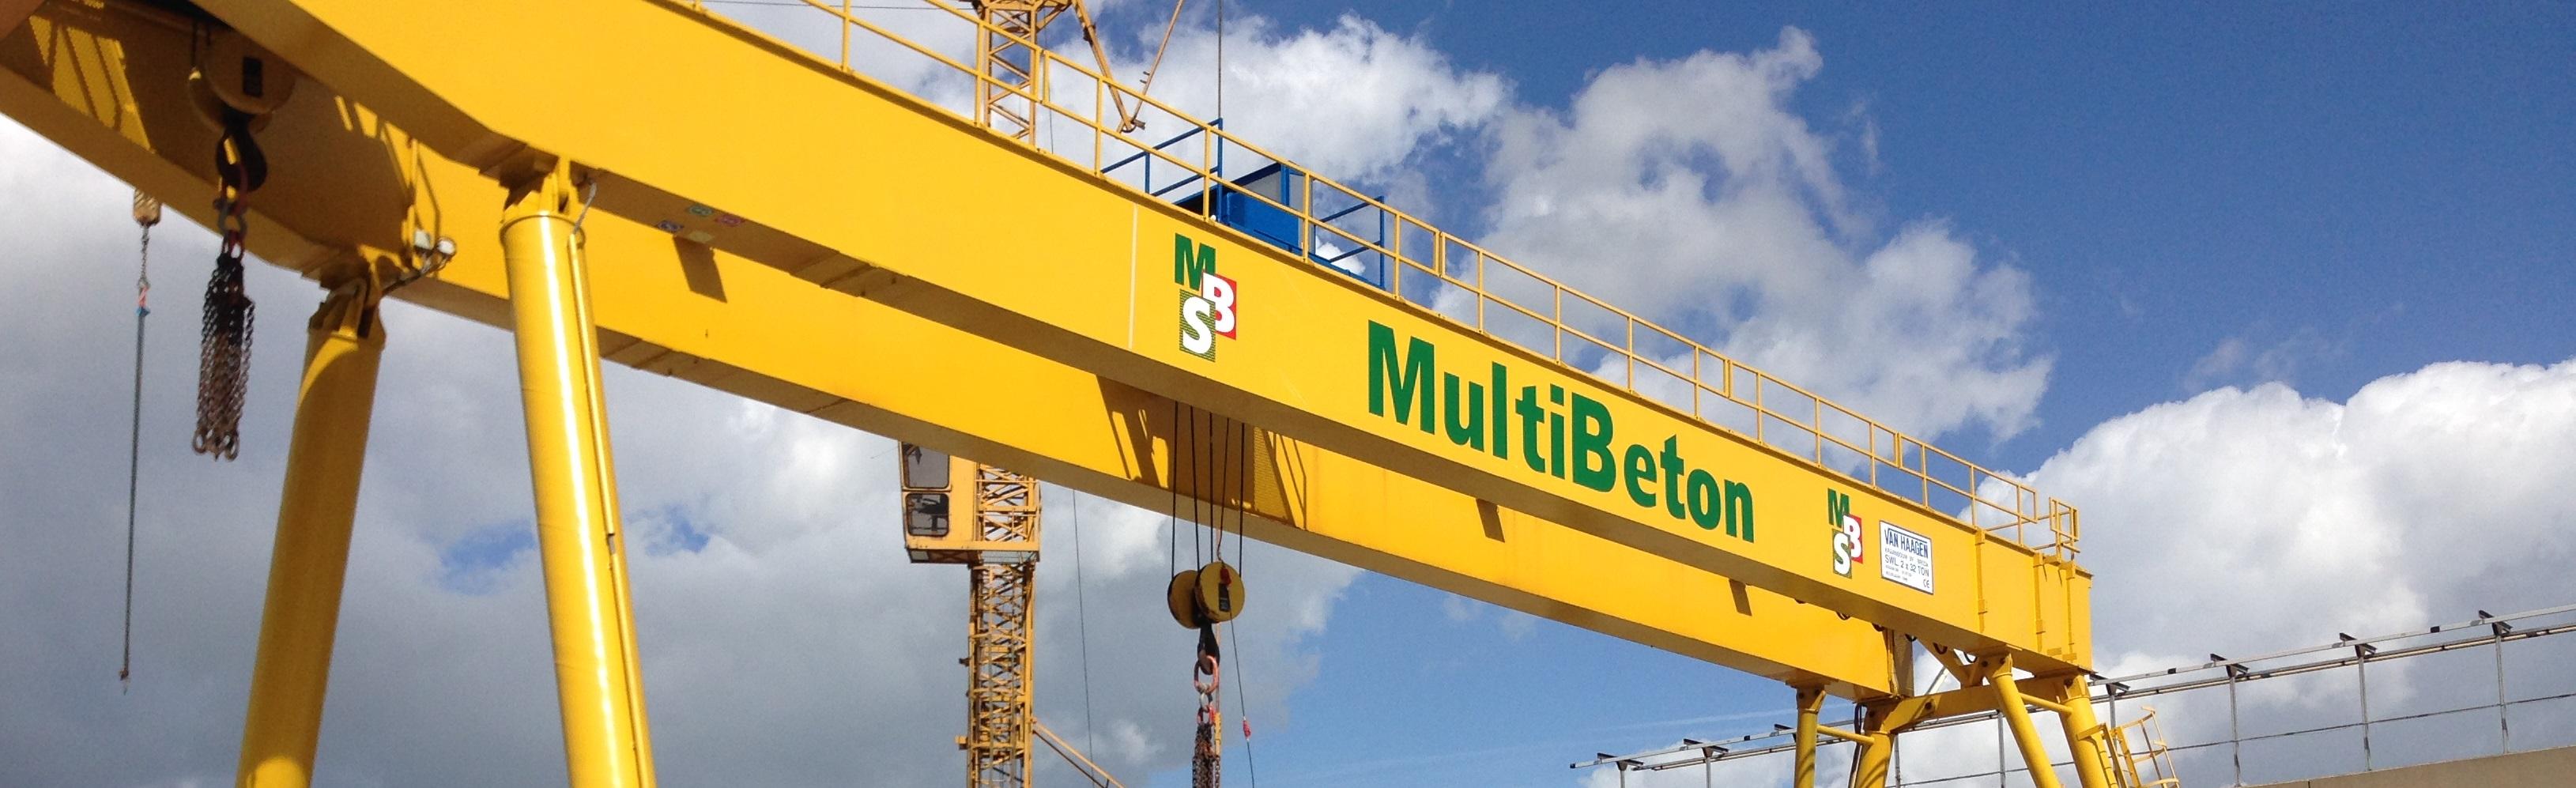 Betonfabriek MultiBeton